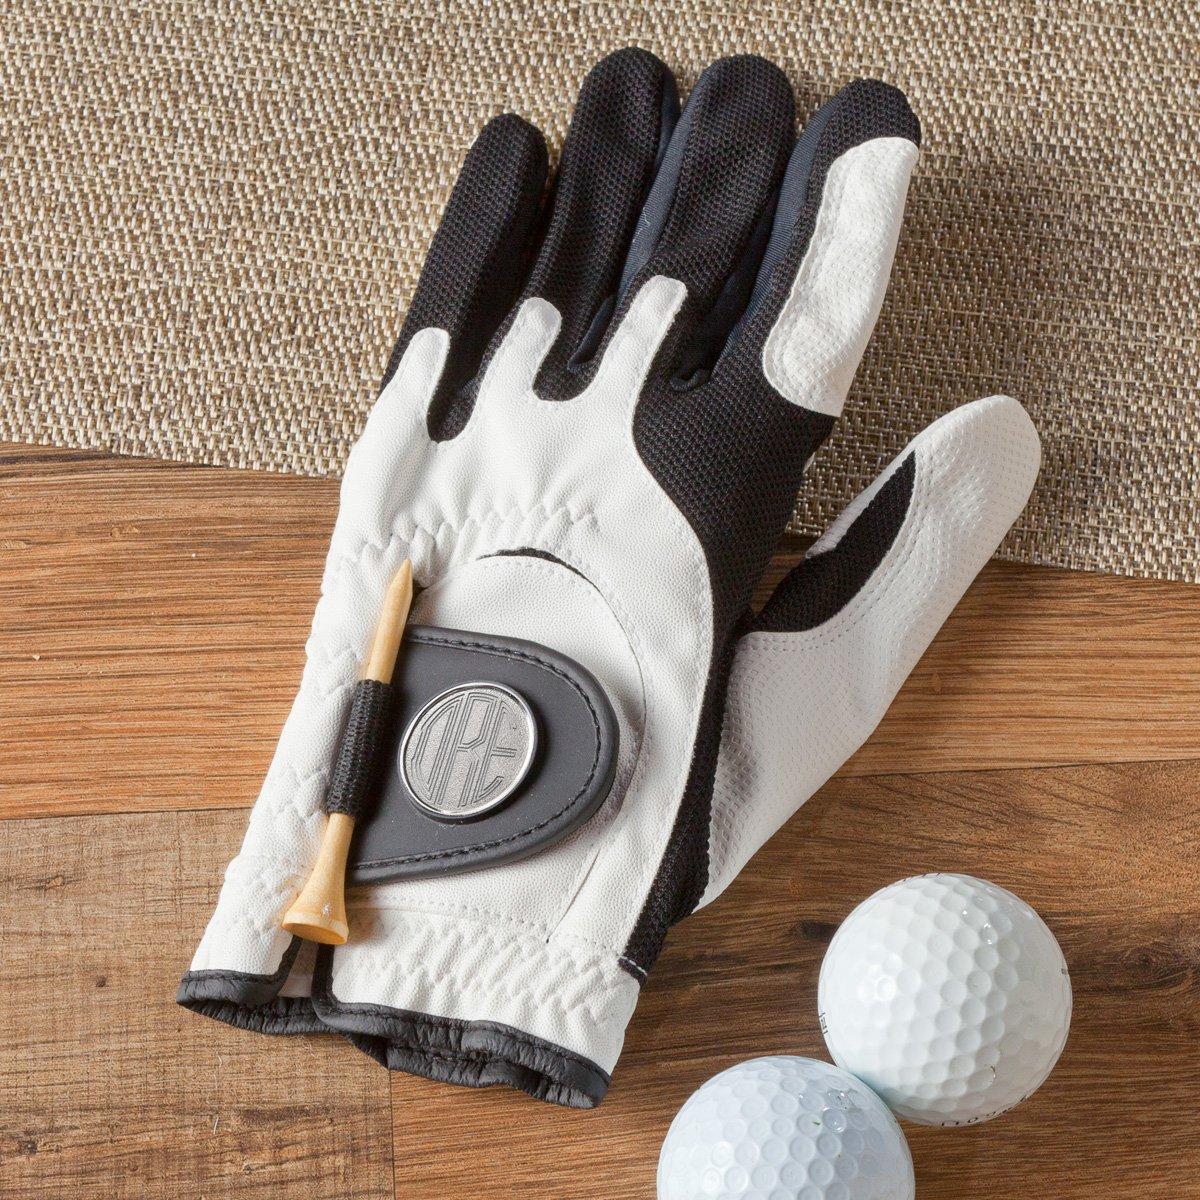 Personalizedゴルフグローブ – Includesモノグラムボールマーカー – モノグラムゴルフグローブ   B01C6353PU